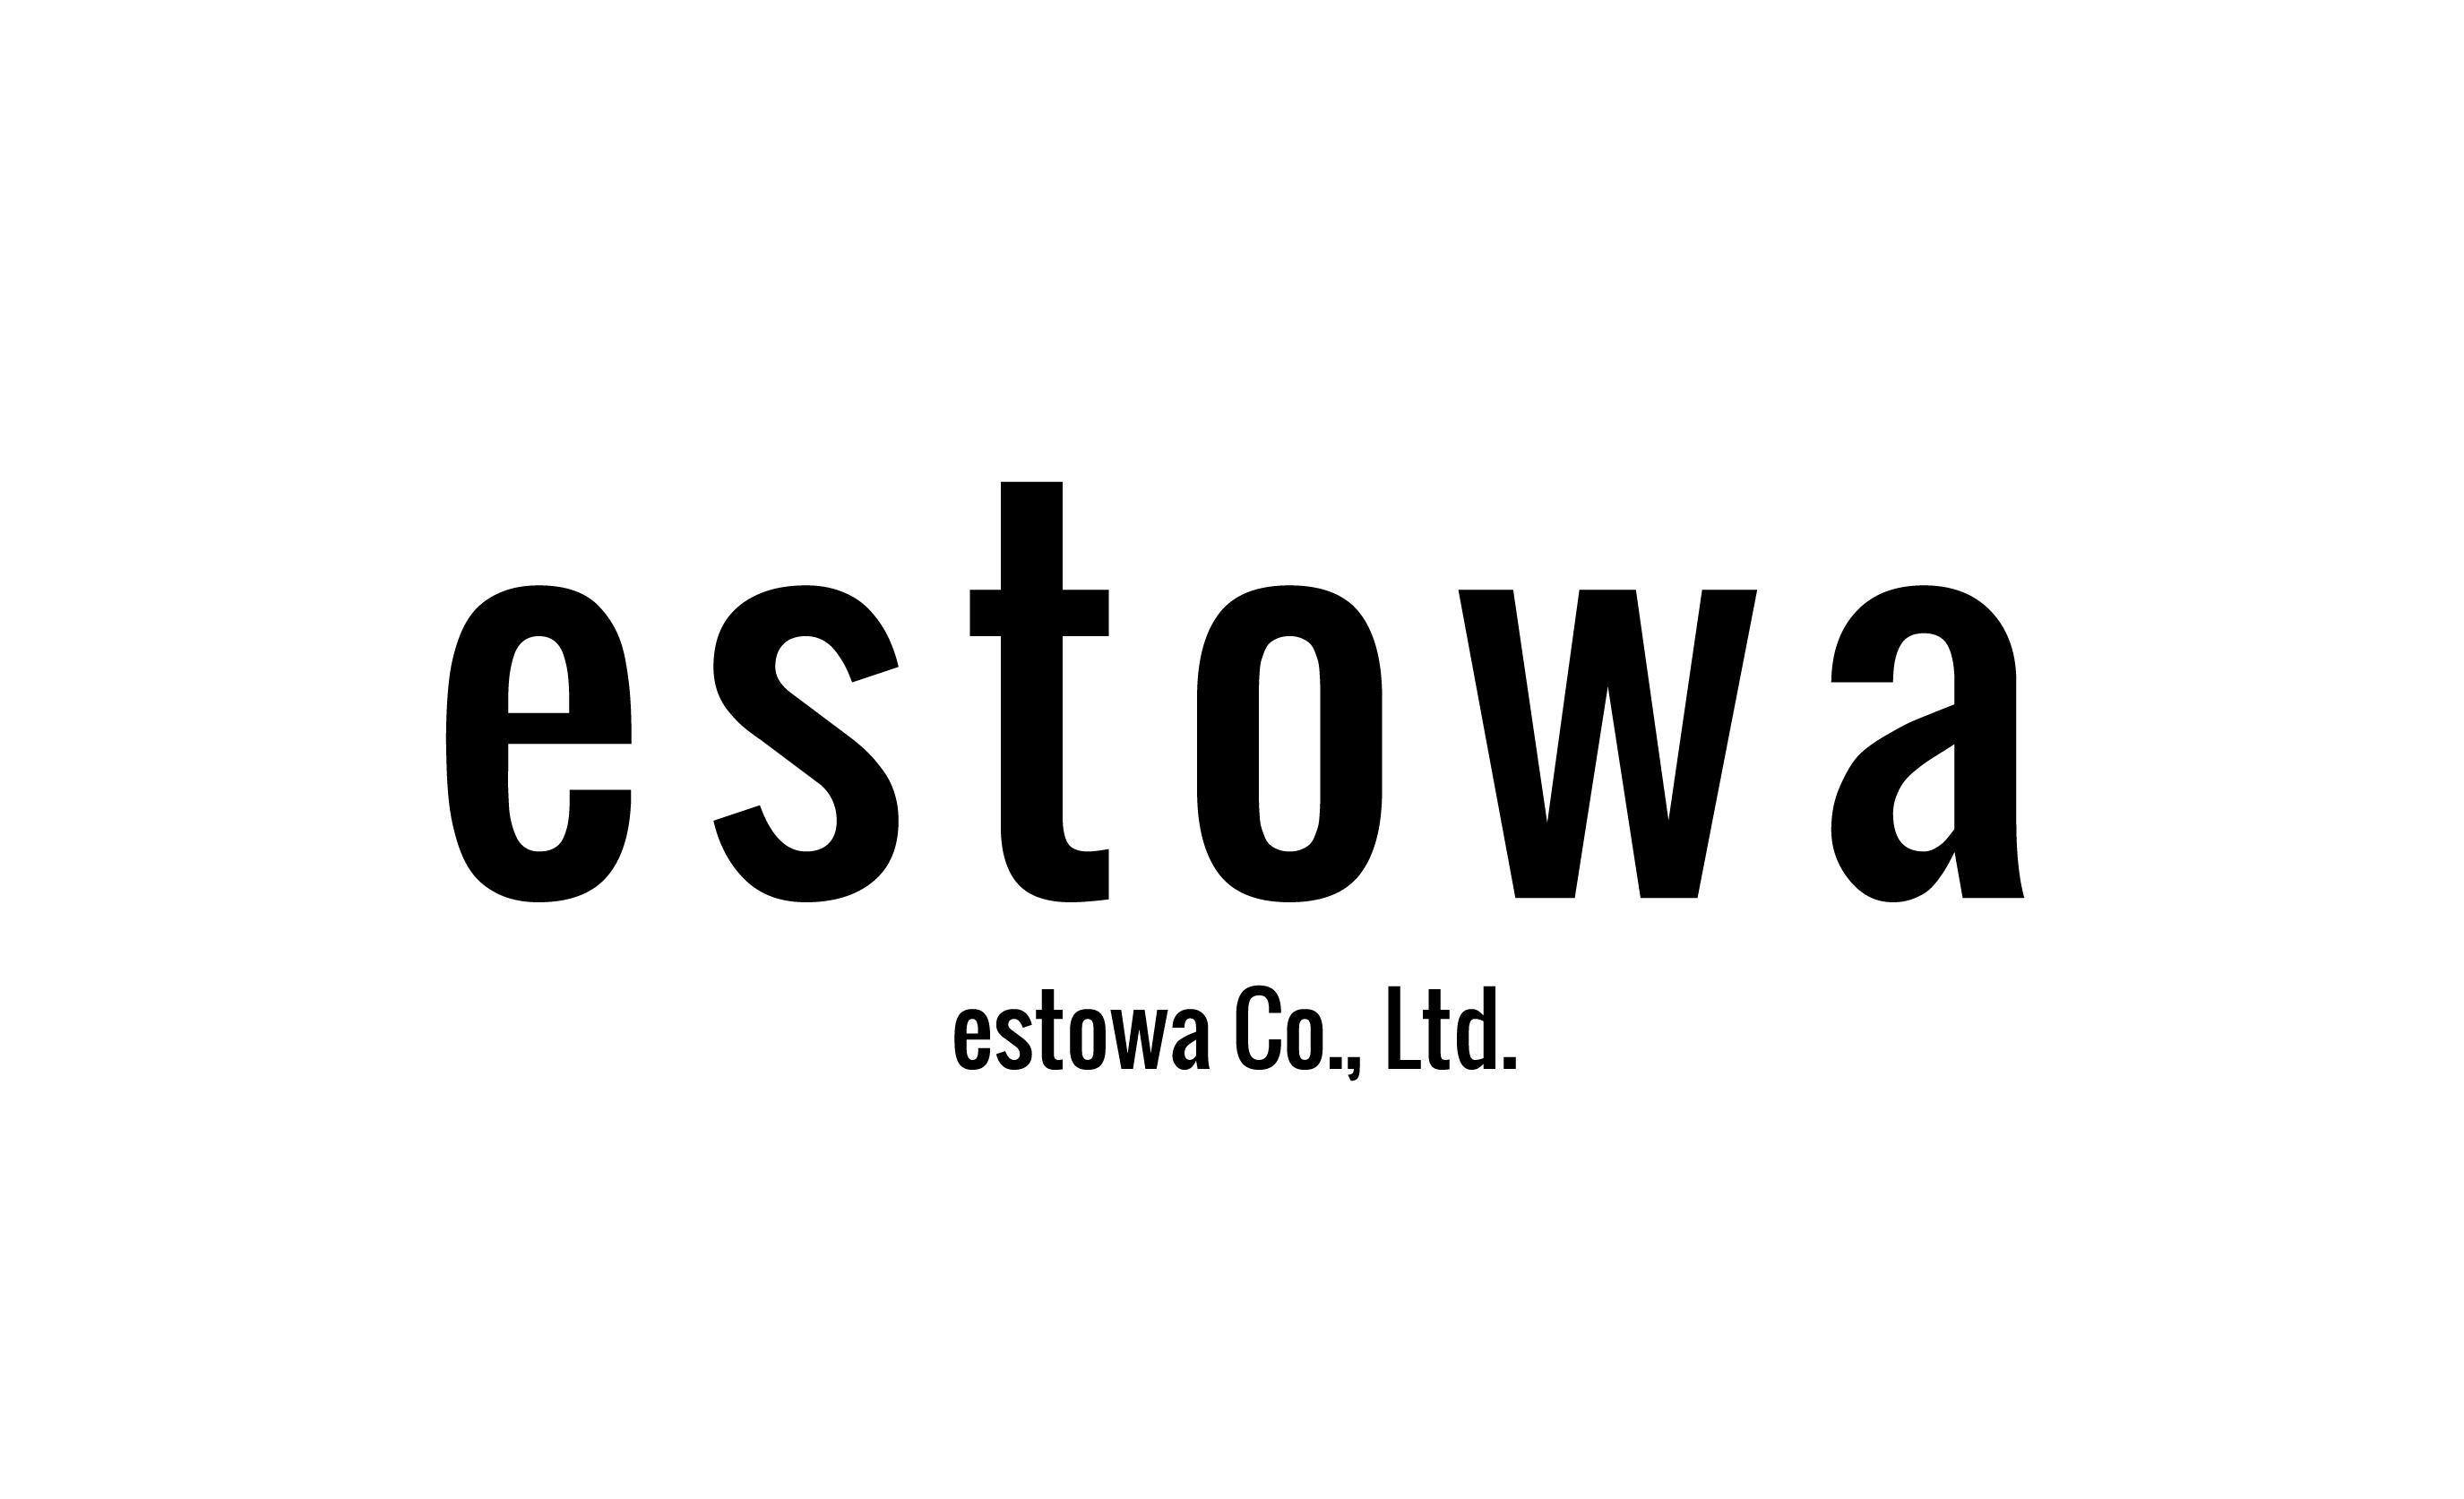 株式会社 estowa (Webデザイナー・ECサイト運営 )